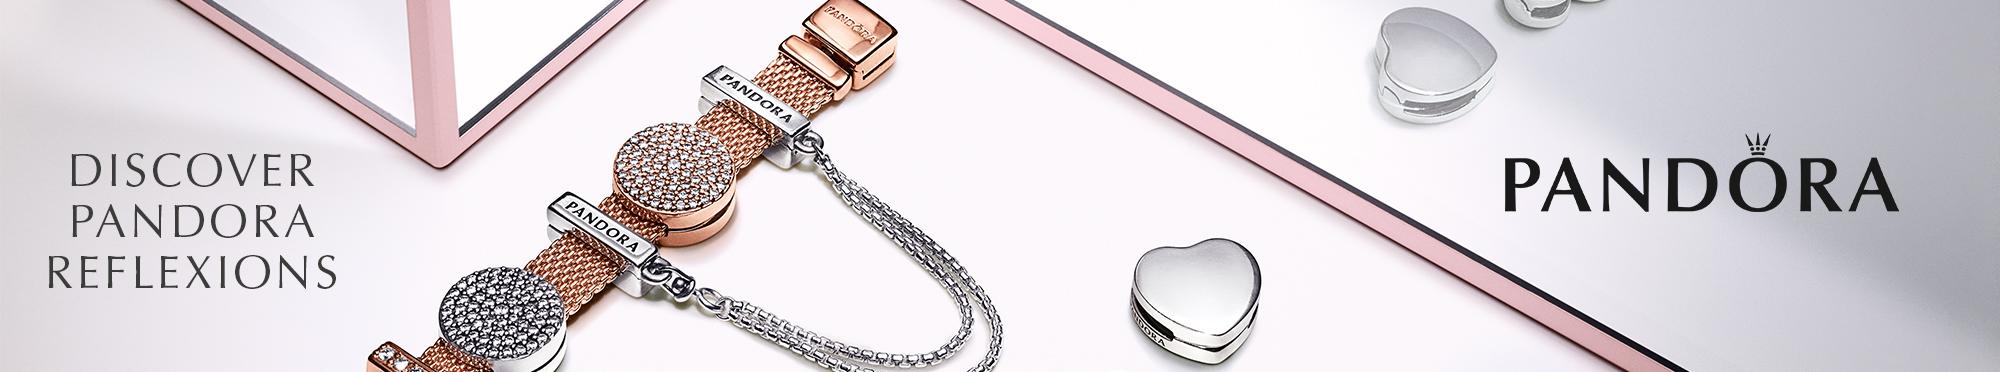 Pandora sieraden Wolters Juweliers Coevorden Emmen Pandora Hardenberg Pandora Hoogeveen